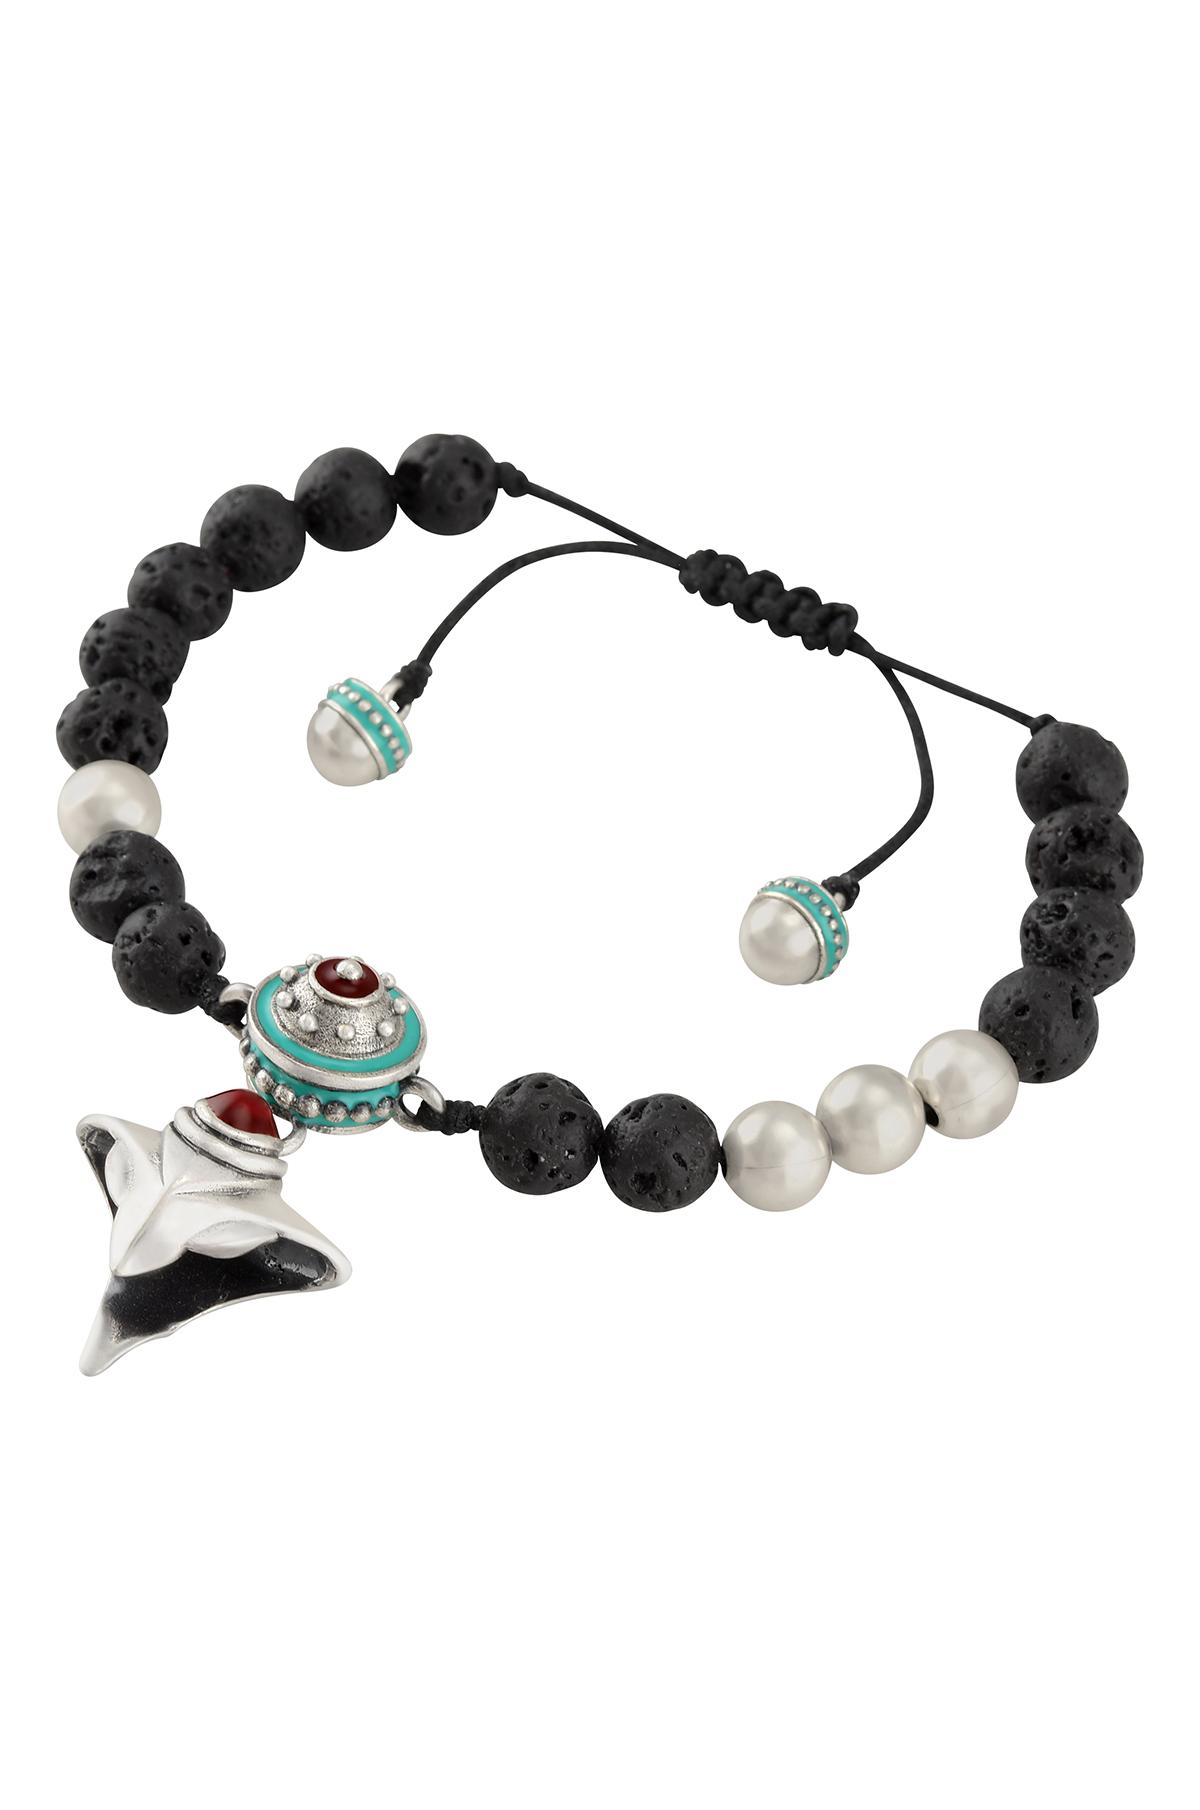 Turquoise Enamelled Rudraksh Inspired Serpent Charm Bracelet